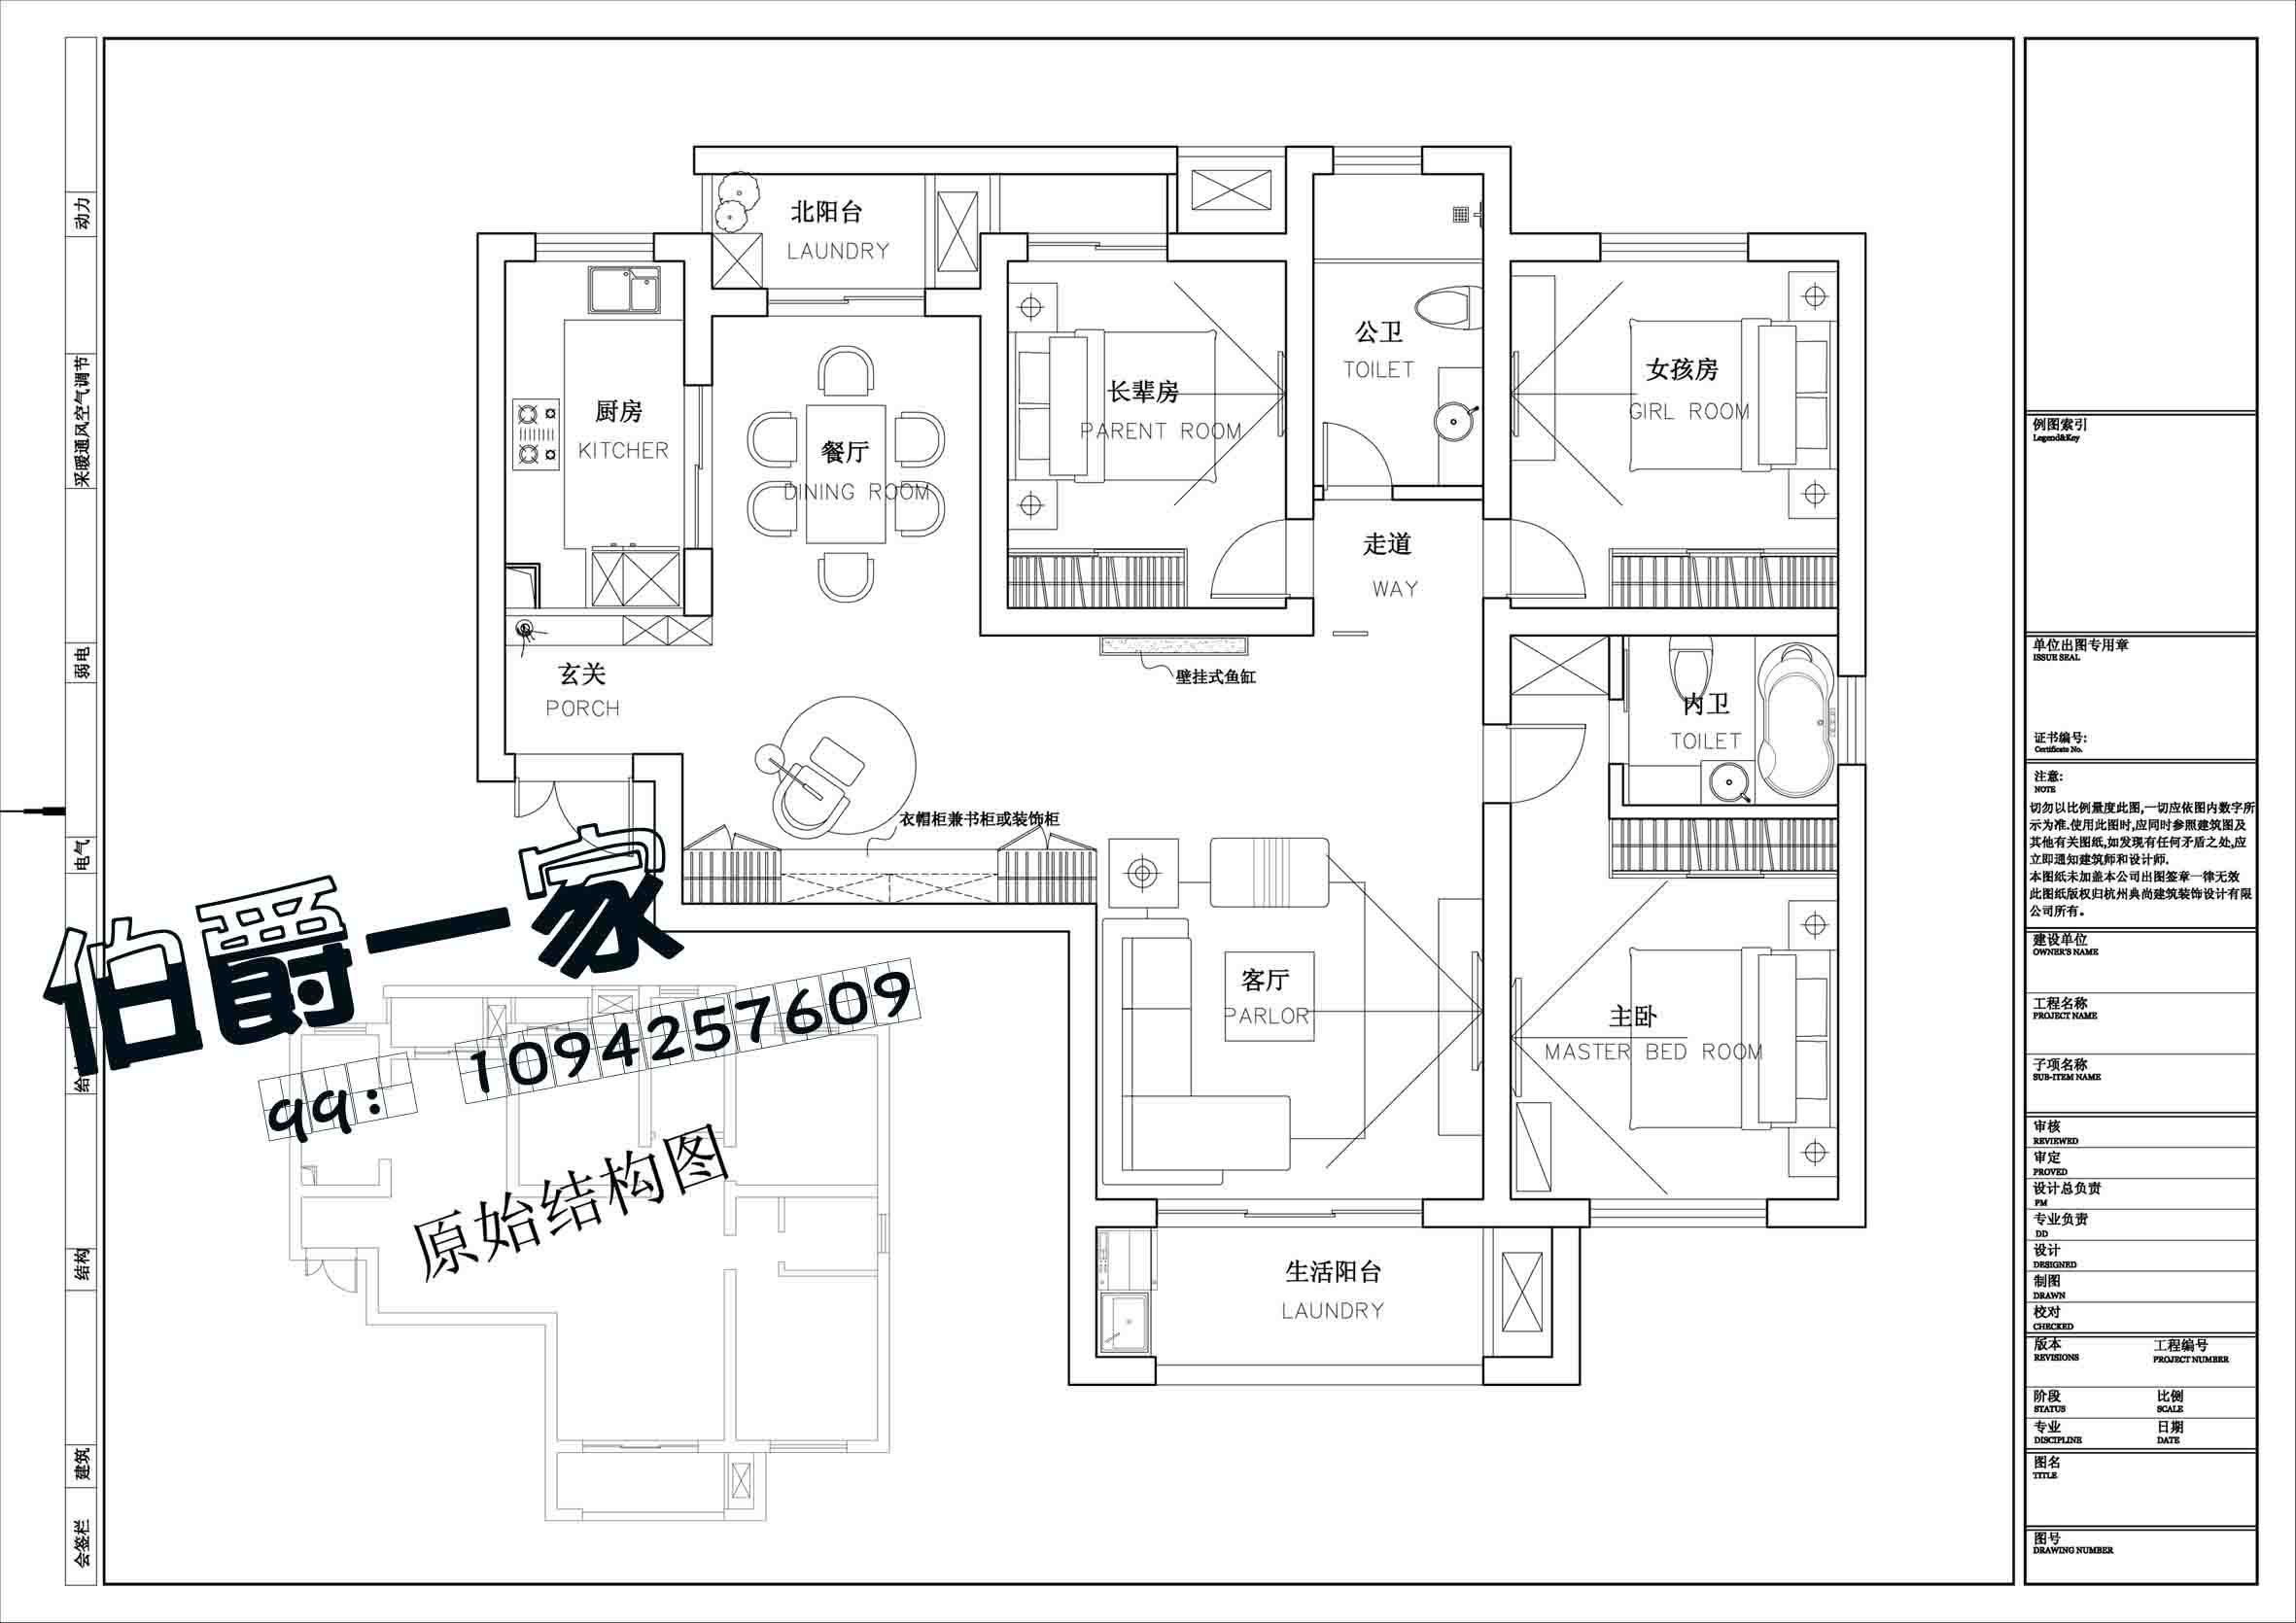 三室两厅房屋装修设计方案